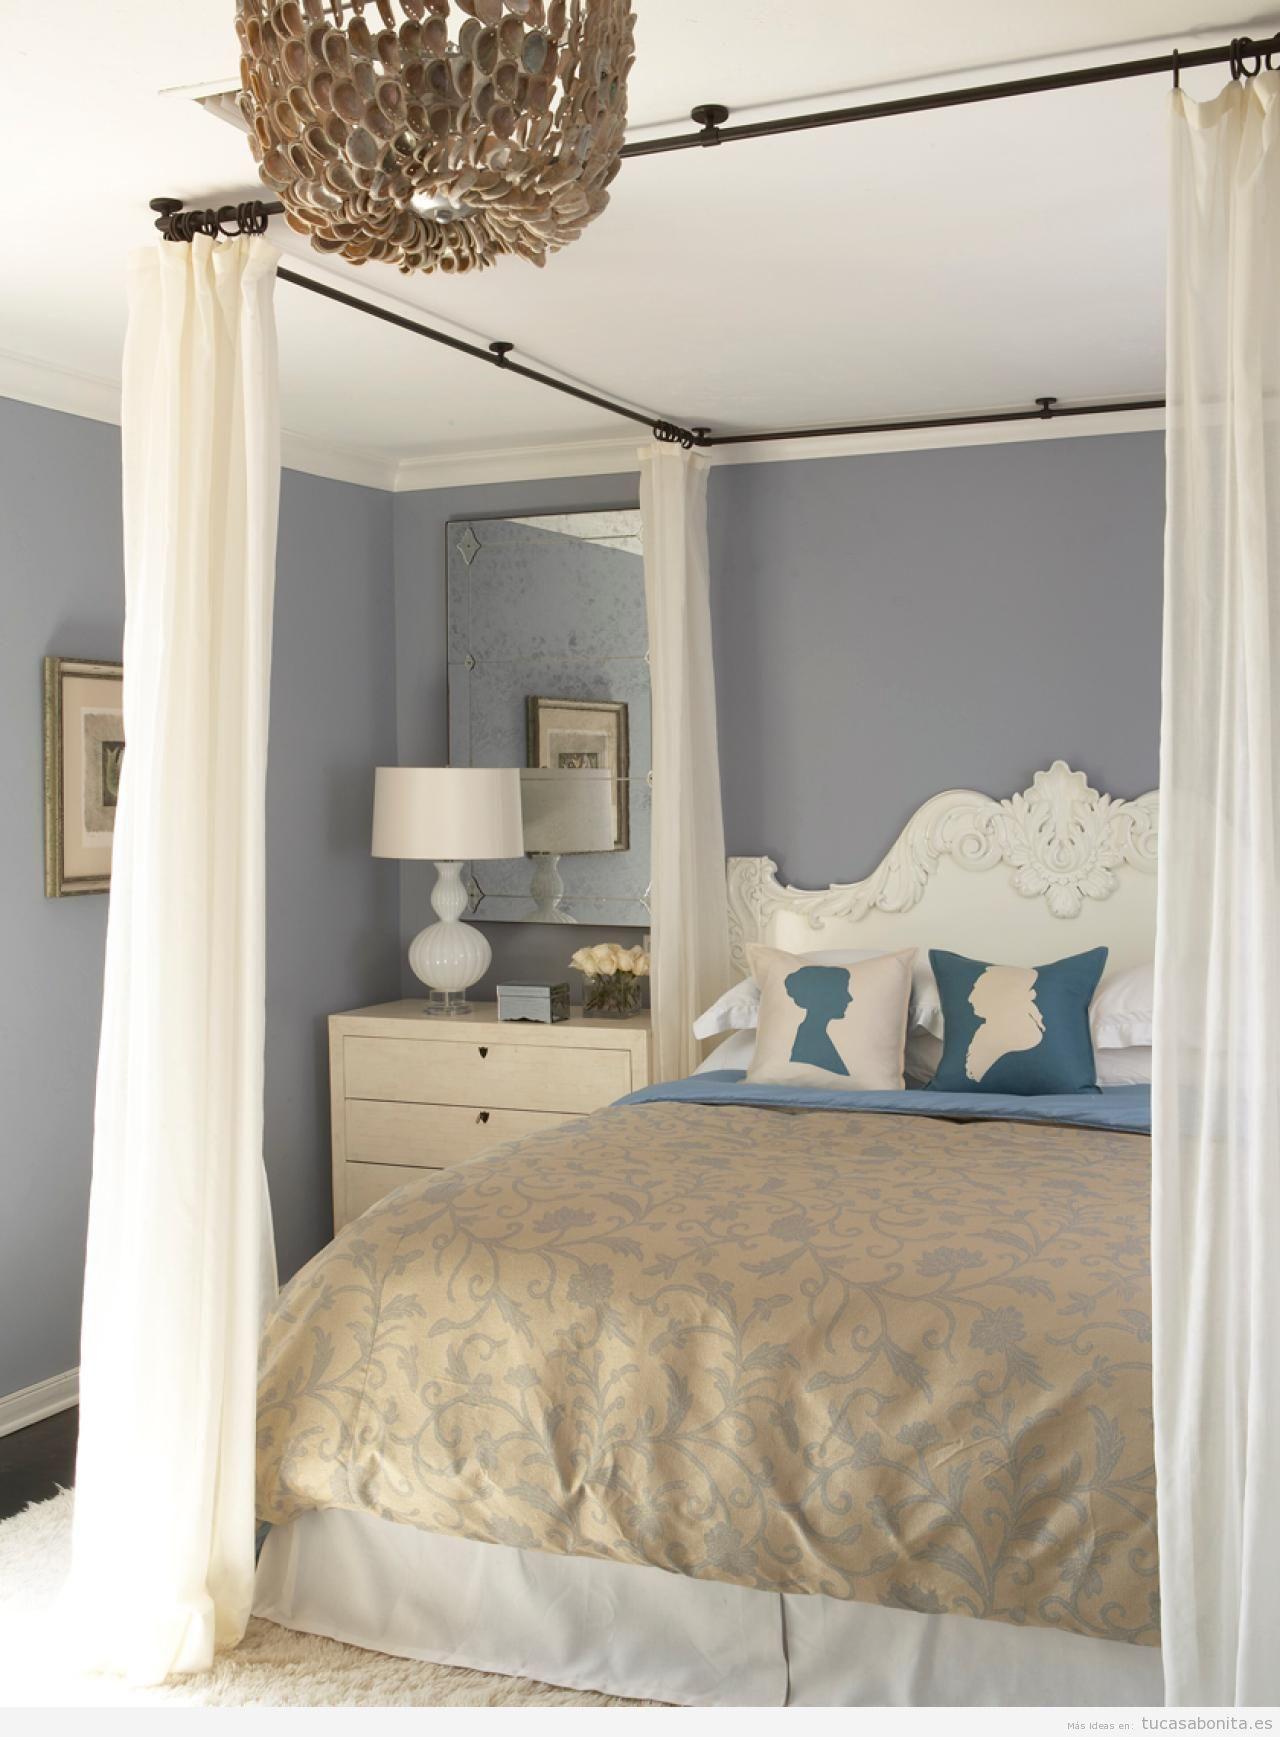 10 estilos diferentes para decorar un dormitorio de matrimonio tu casa bonita. Black Bedroom Furniture Sets. Home Design Ideas